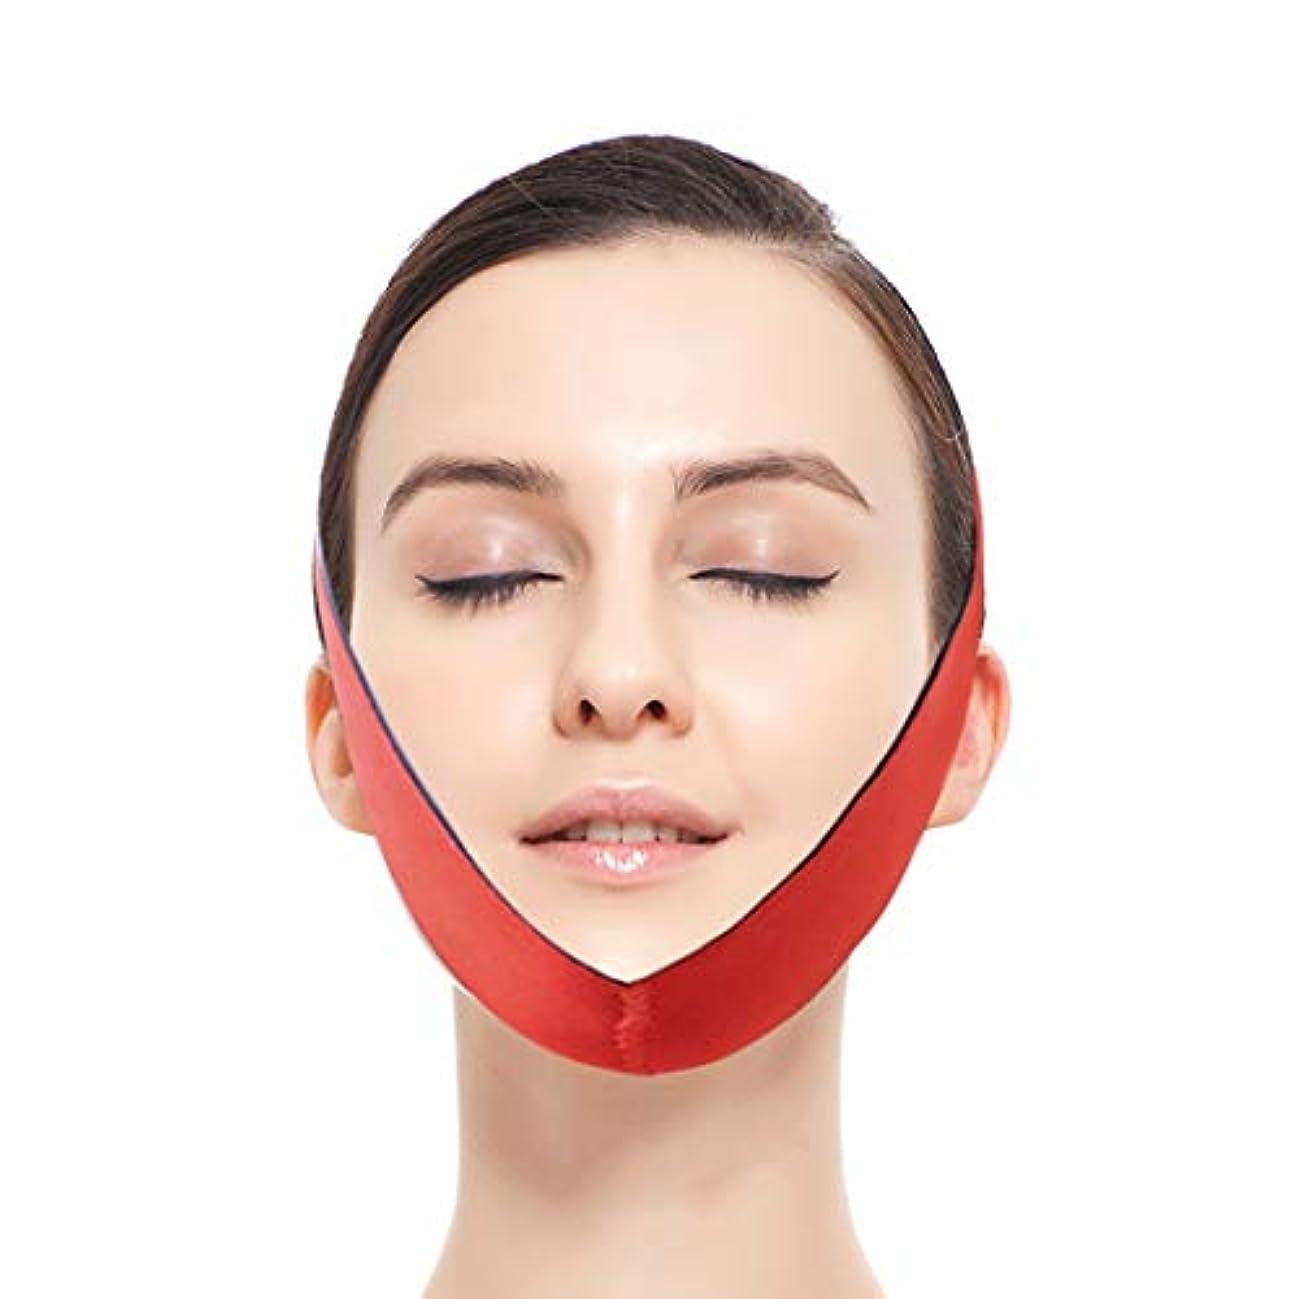 艦隊剥離トランスペアレントZWBD フェイスマスク, 顔を持ち上げる包帯V顔リフティング引き締めの美しさ薄い顔包帯眠っている男性と女性と顎セット持ち上げタイトな睡眠